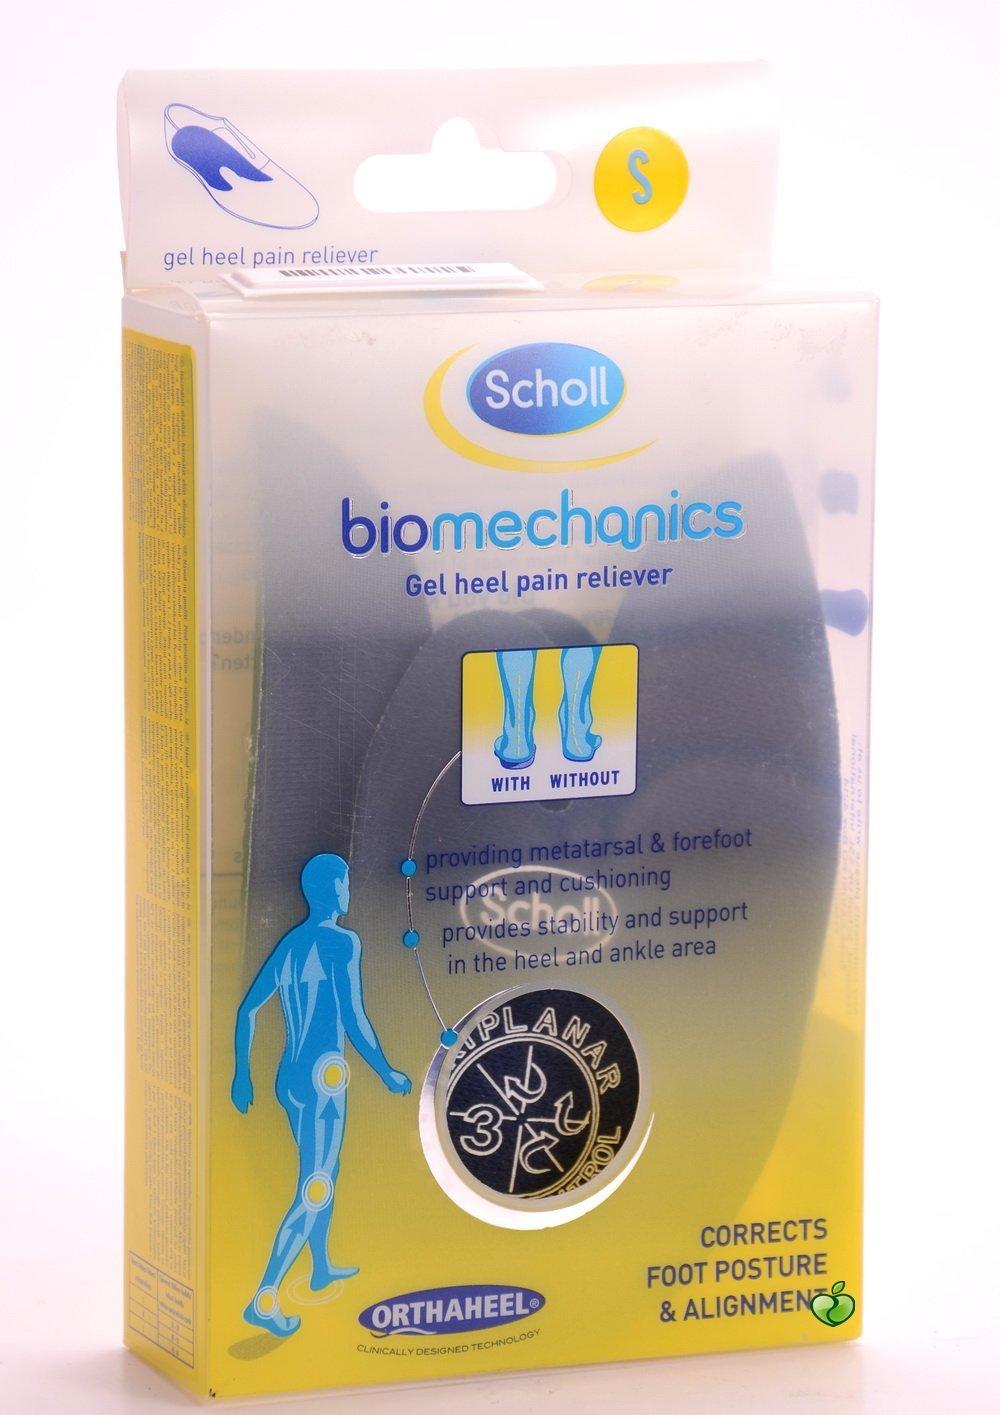 Scholl Orthaheel Biomechanics Gel Heel Pain Reliever Size - Small